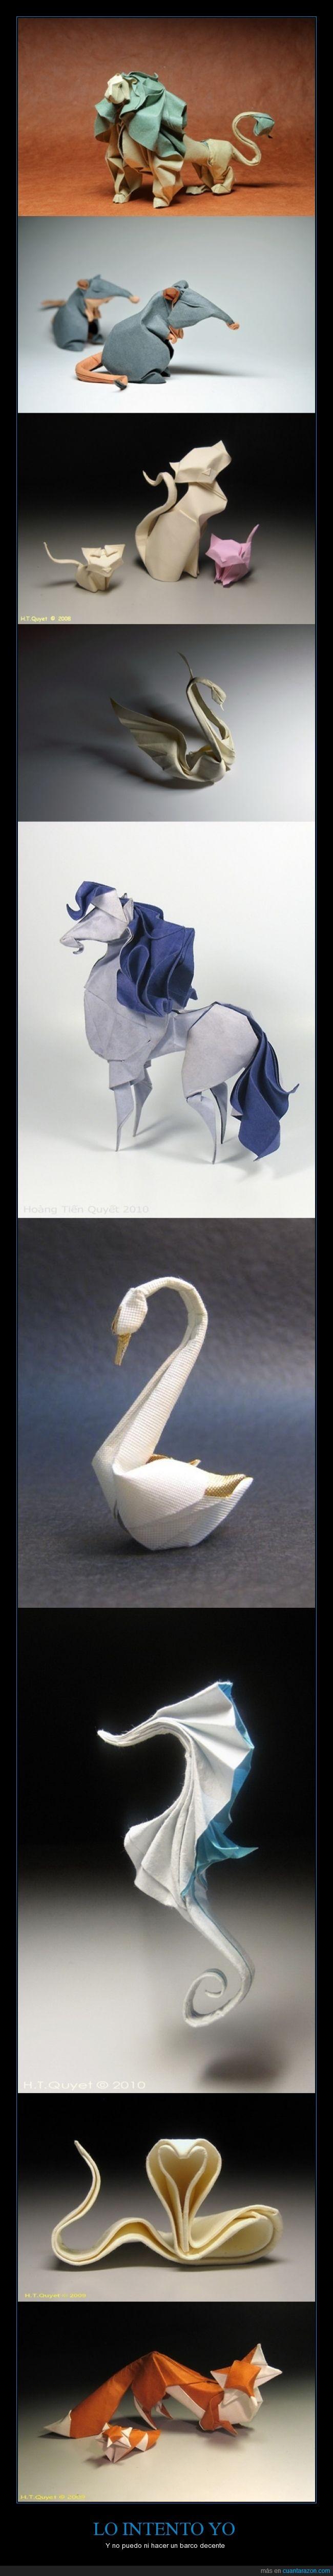 animal,Caballito de mar,León,Origami,papiroflexia,talento